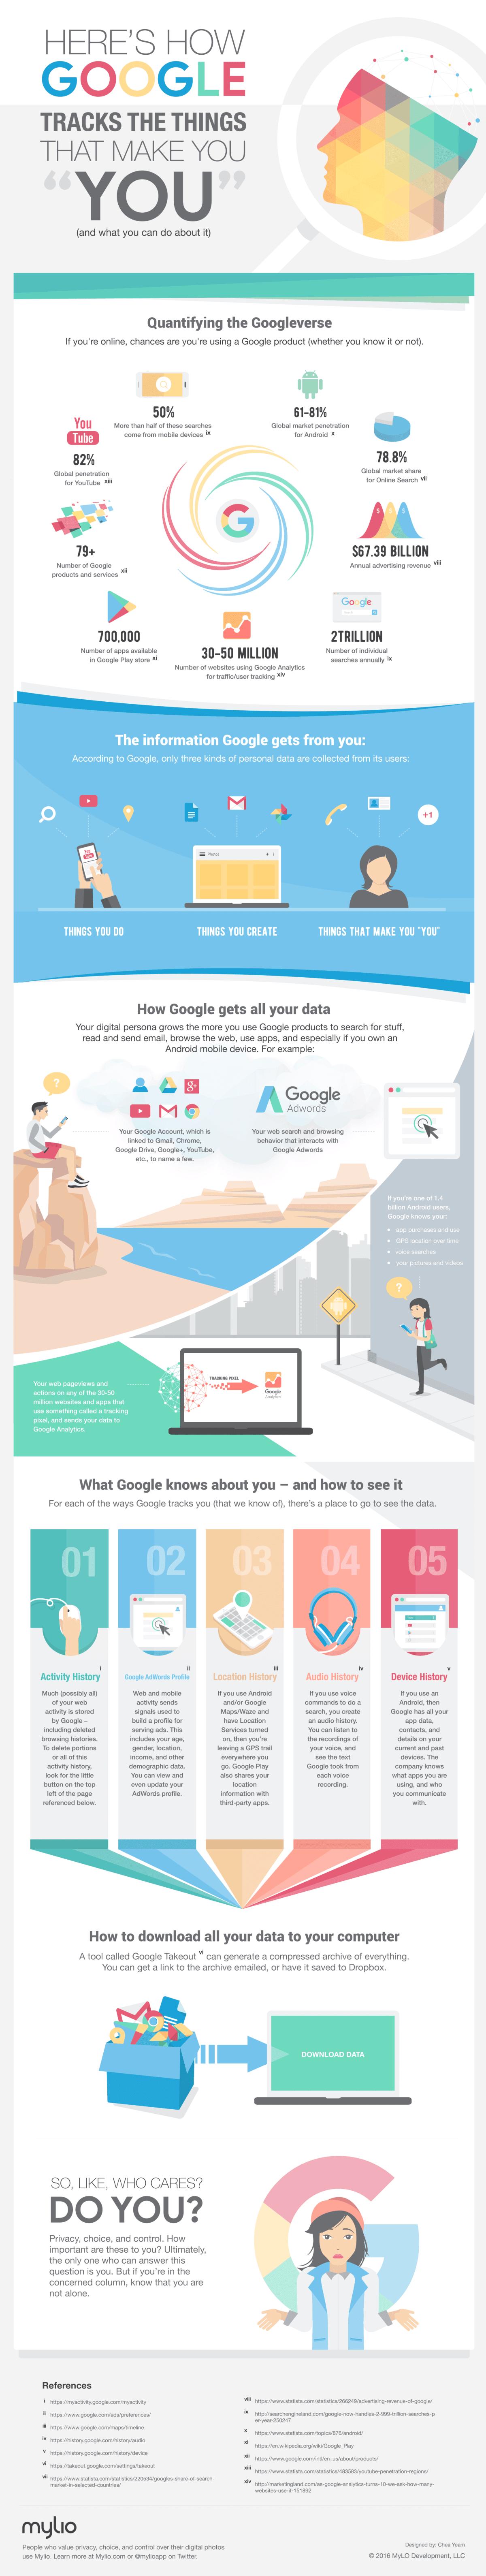 ce que google sait de nous : données et comportements